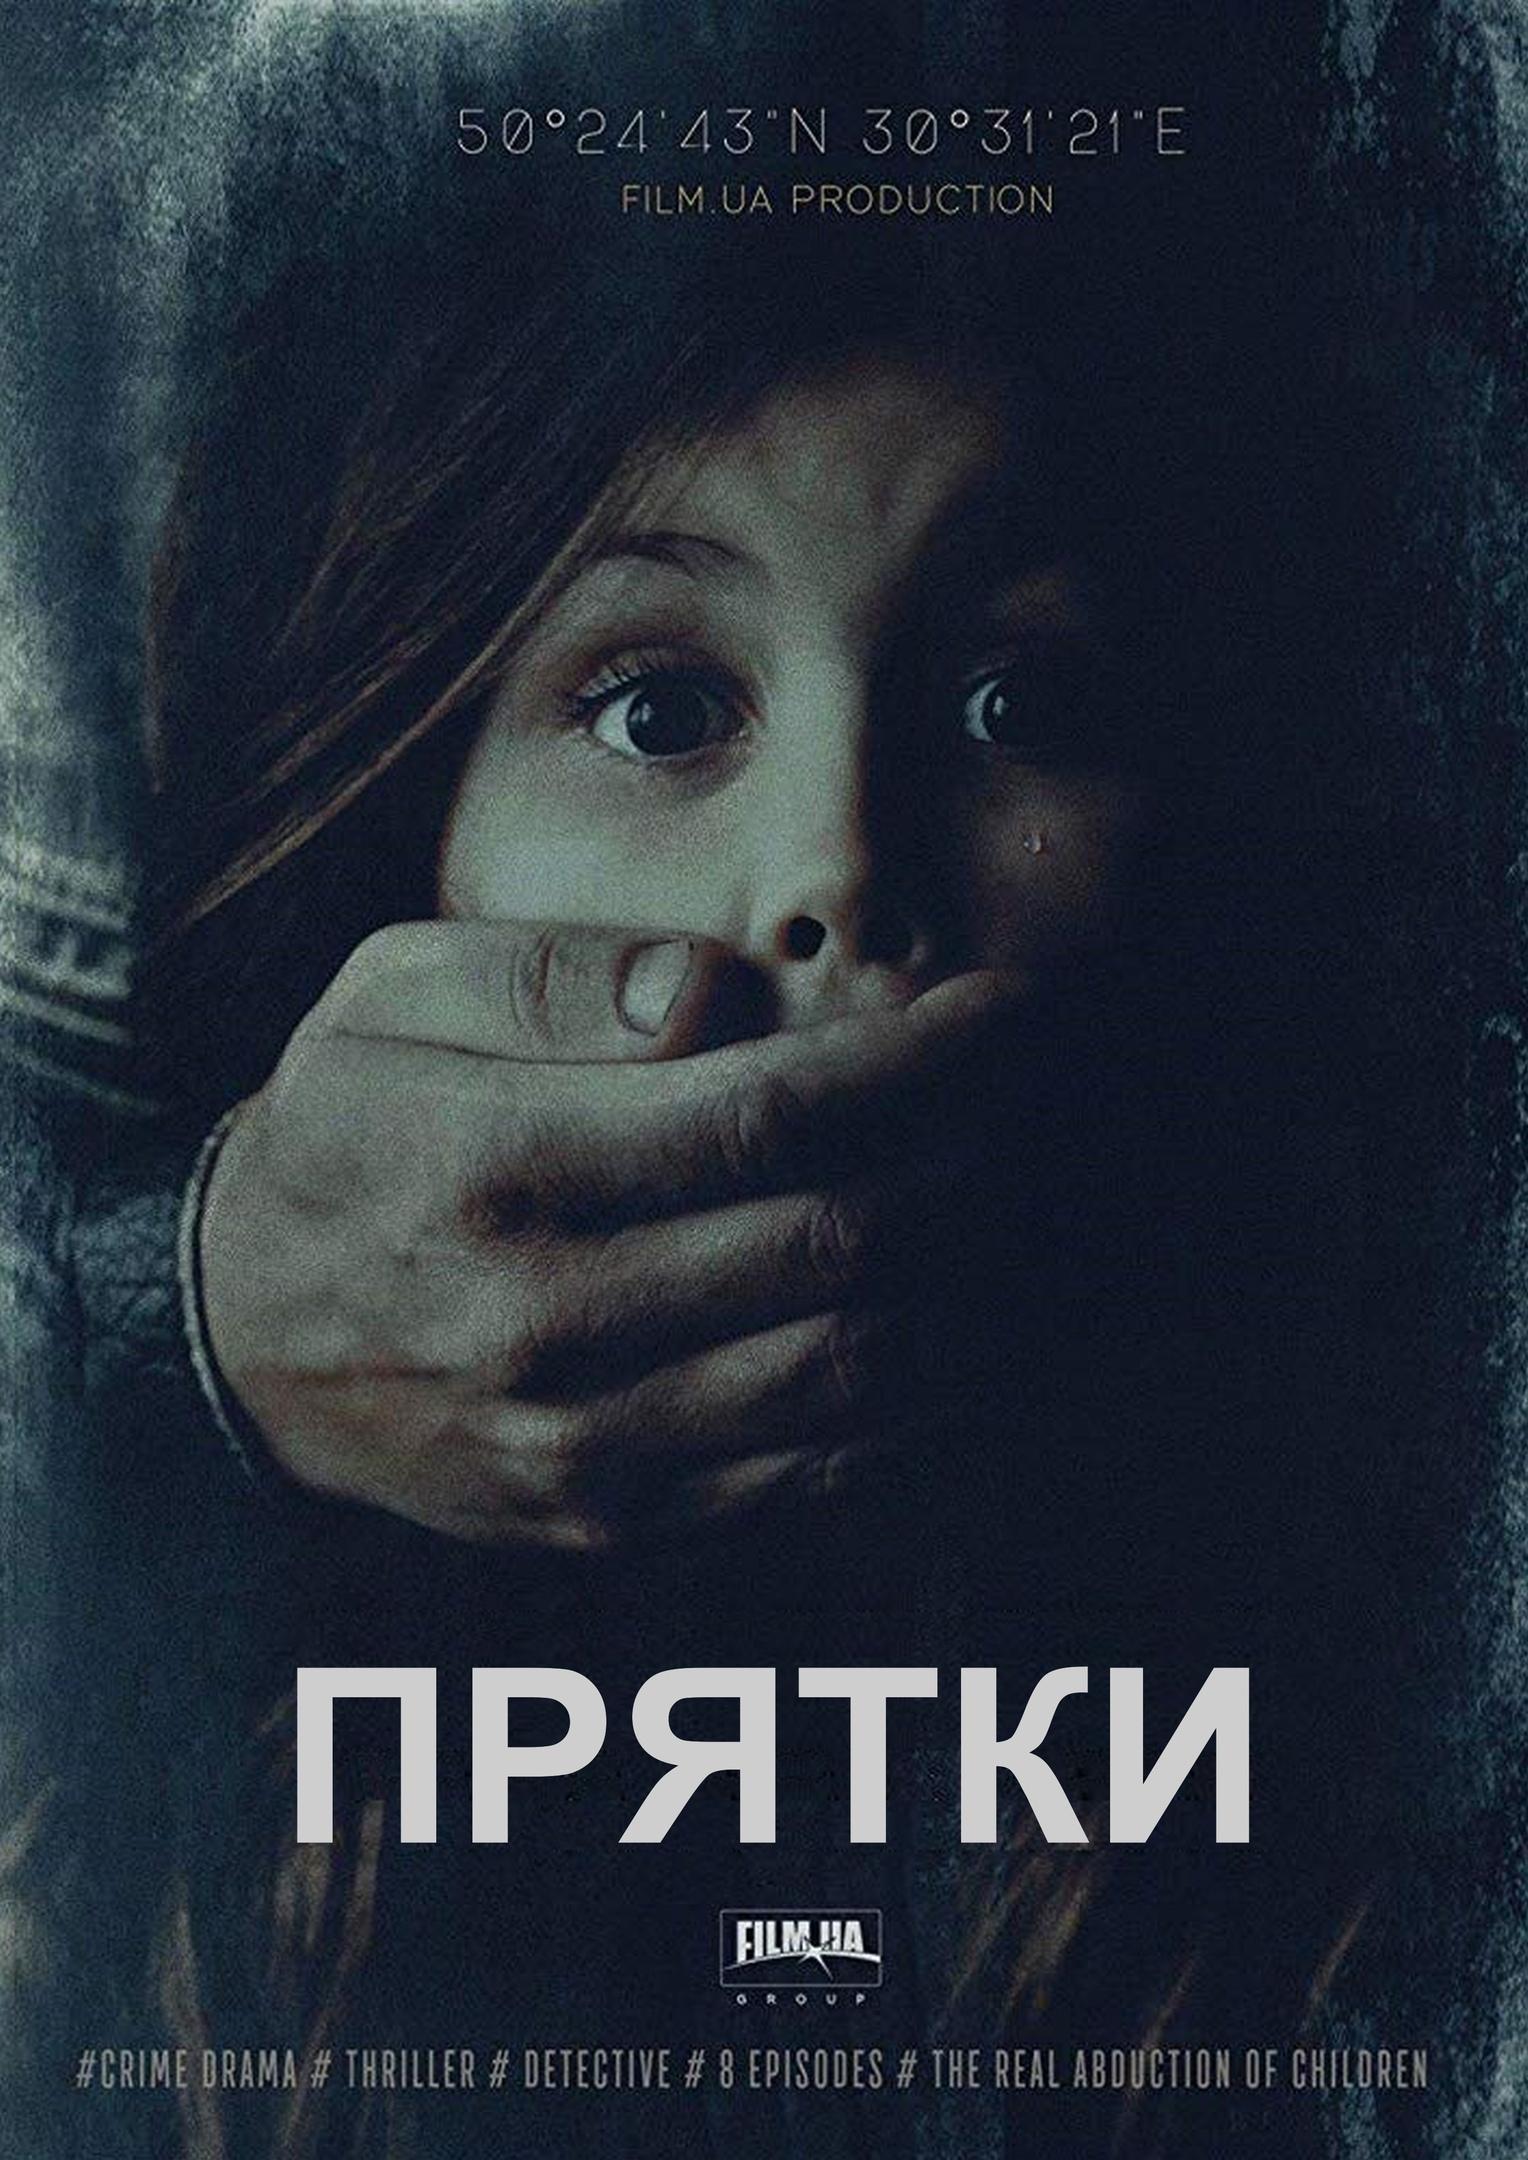 Детективный триллер «Πрятки» (2019) 1-6 серия из 8 HD